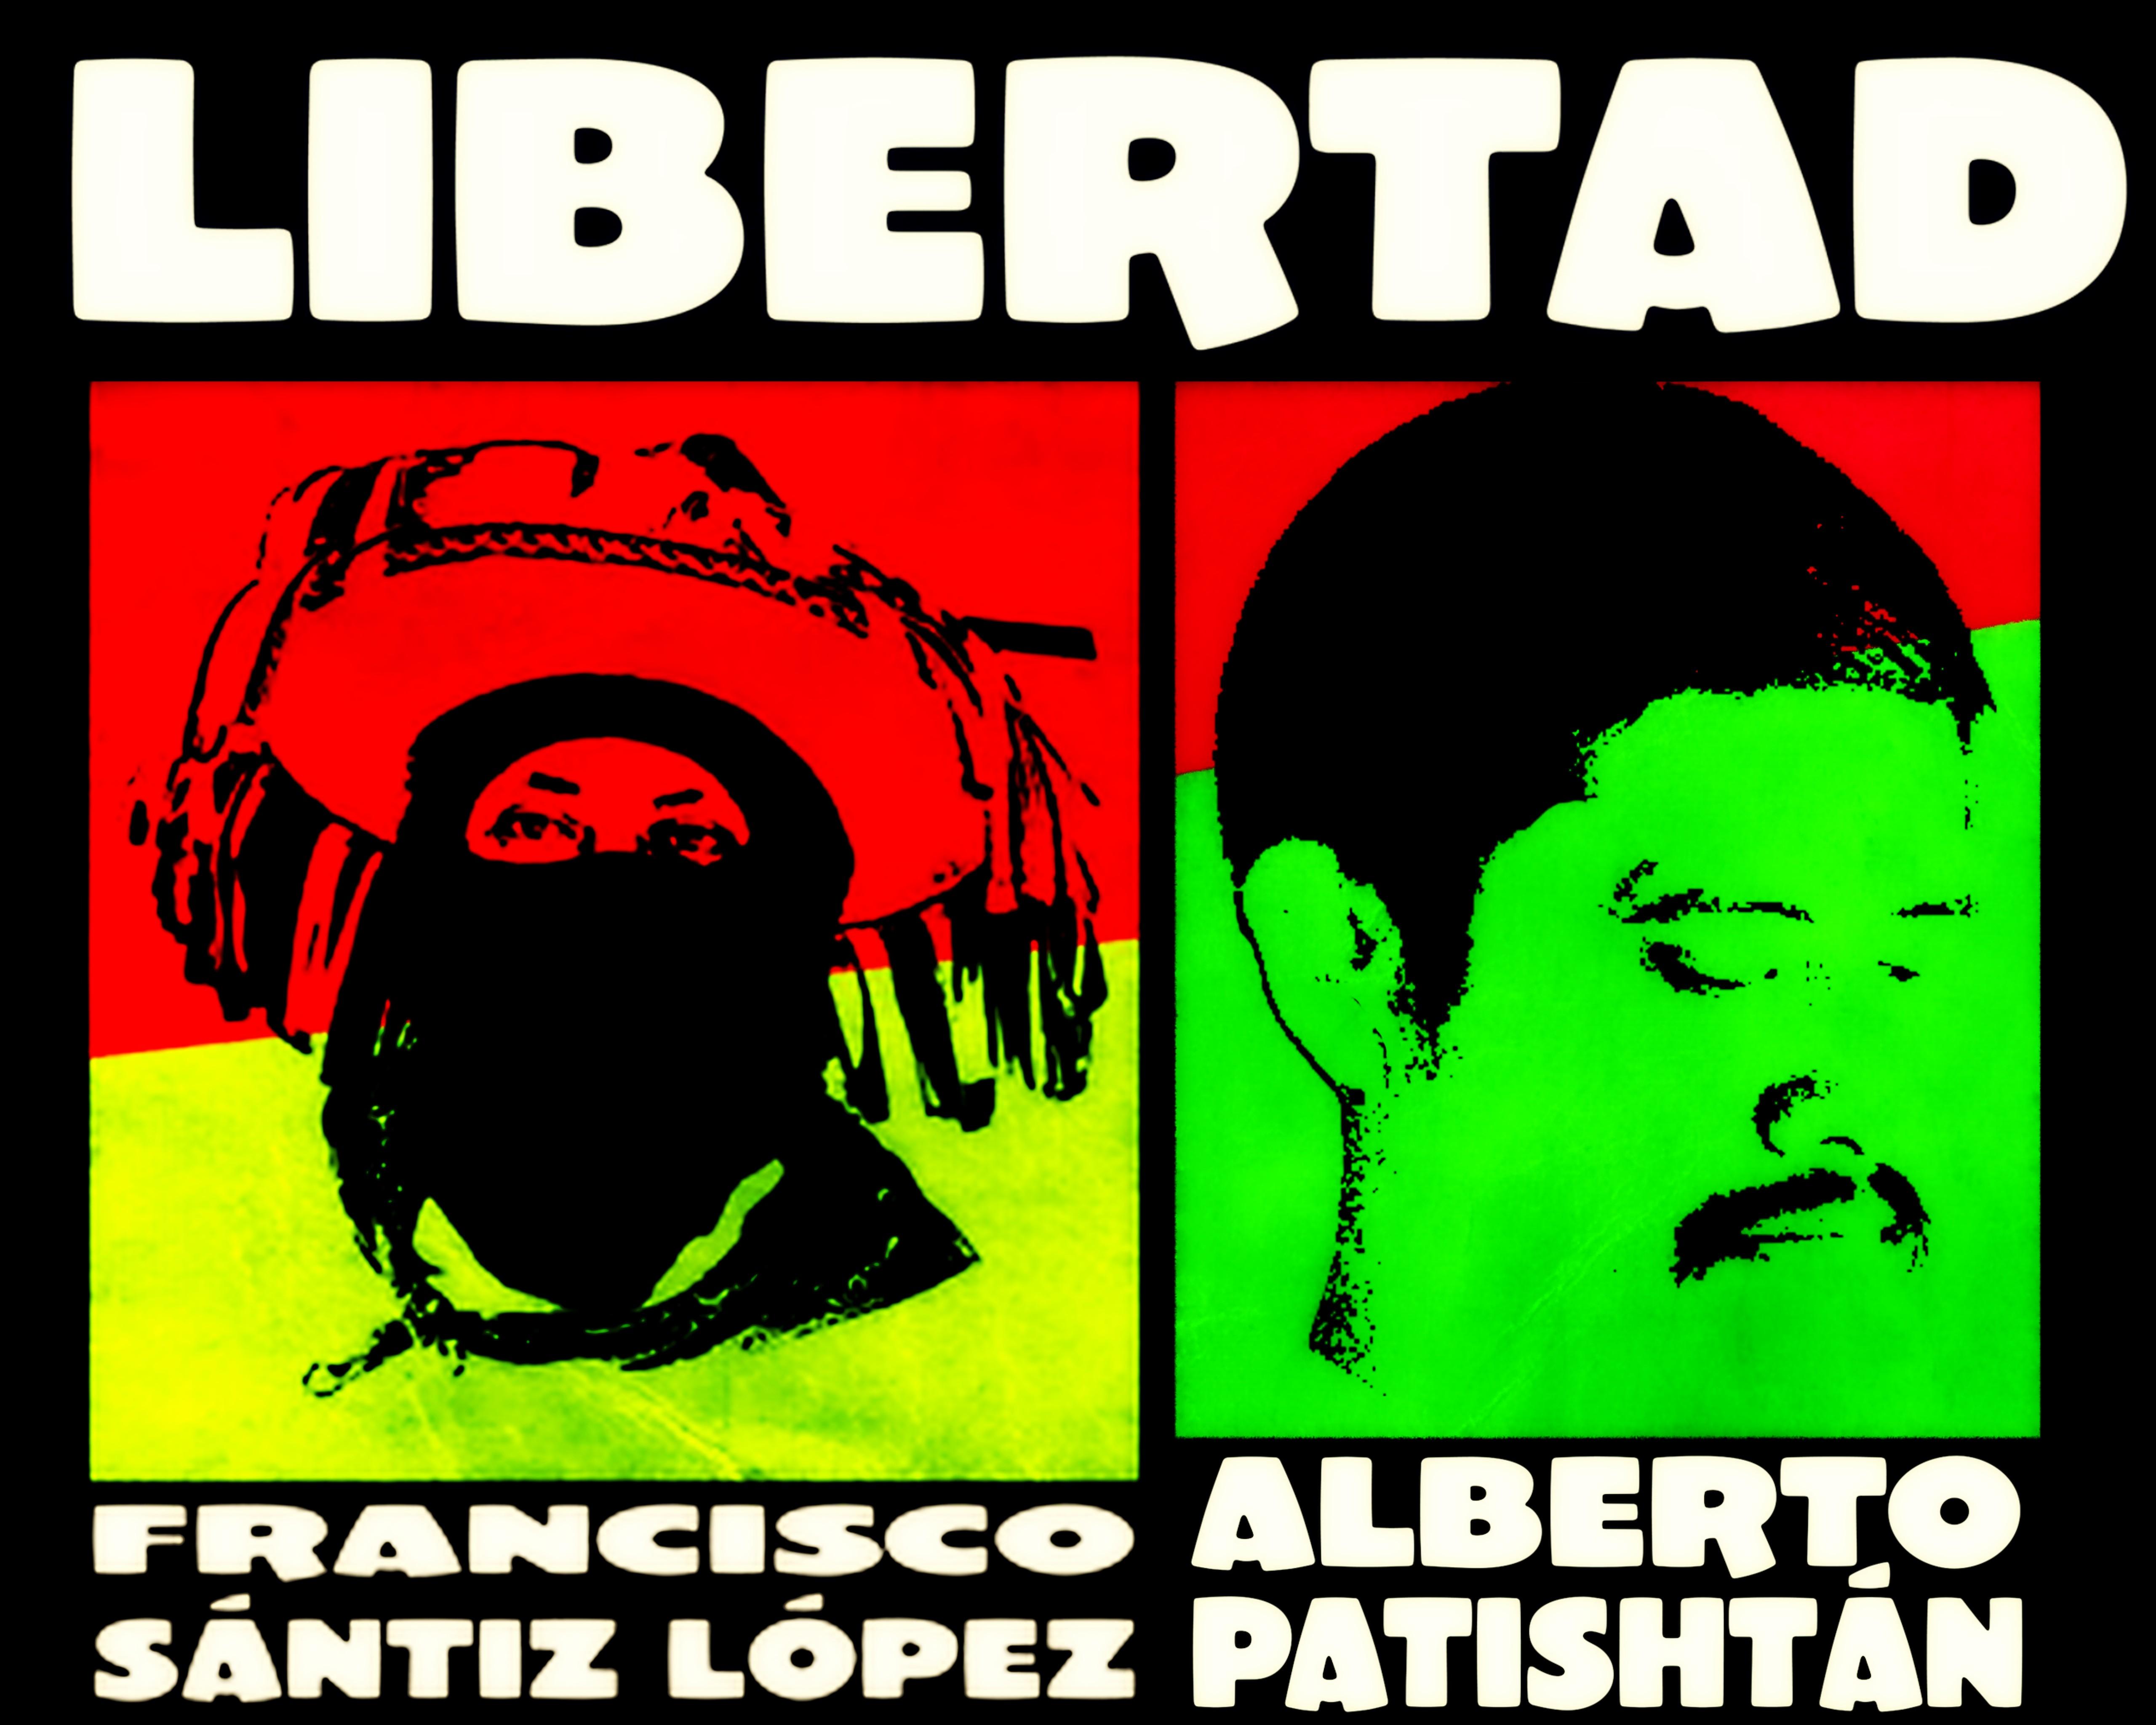 libertad-los-alberto-patishtan-y-francisco-santis